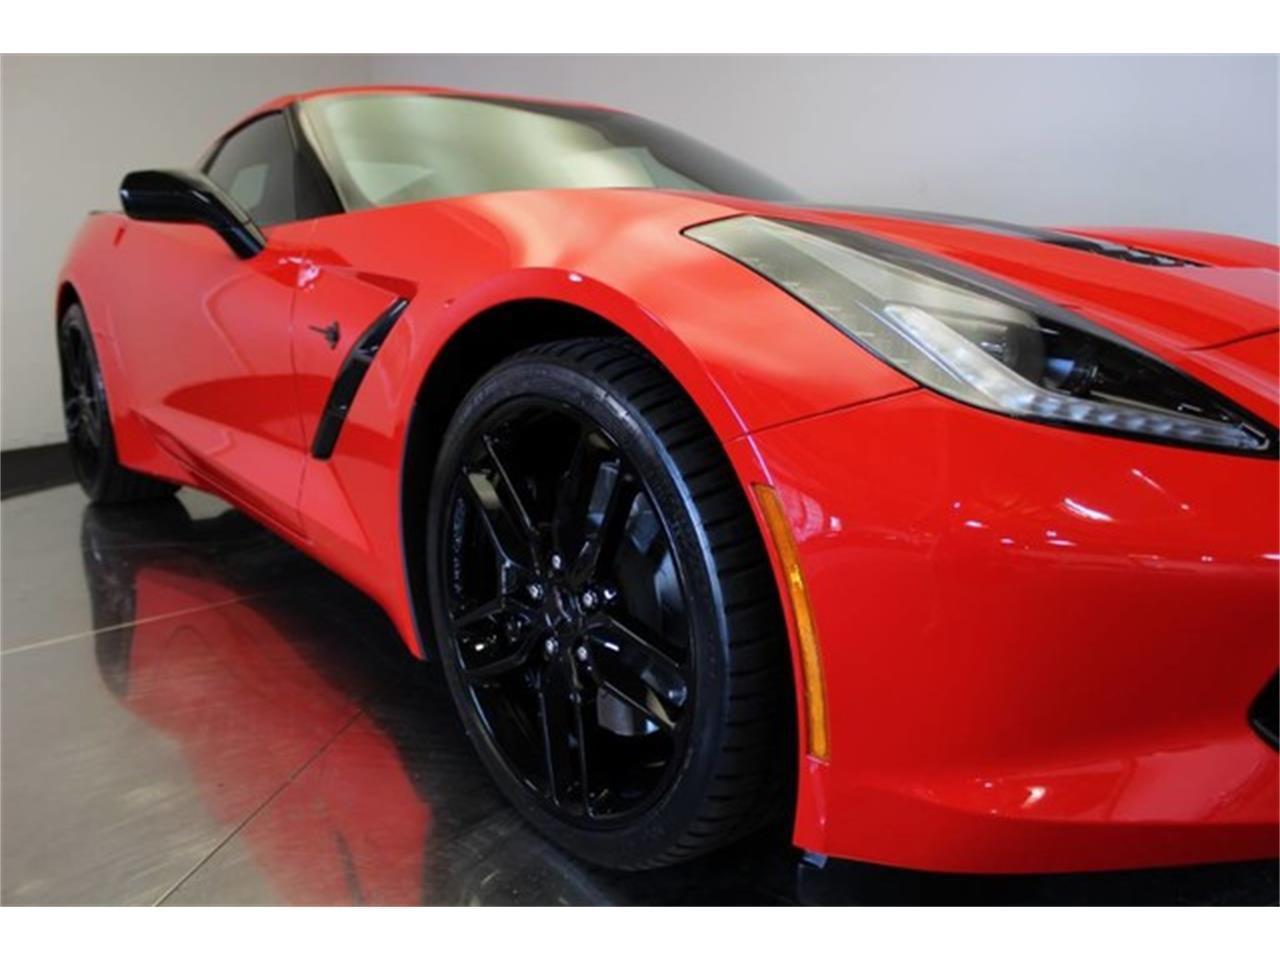 2019 Chevrolet Corvette (CC-1358081) for sale in Anaheim, California